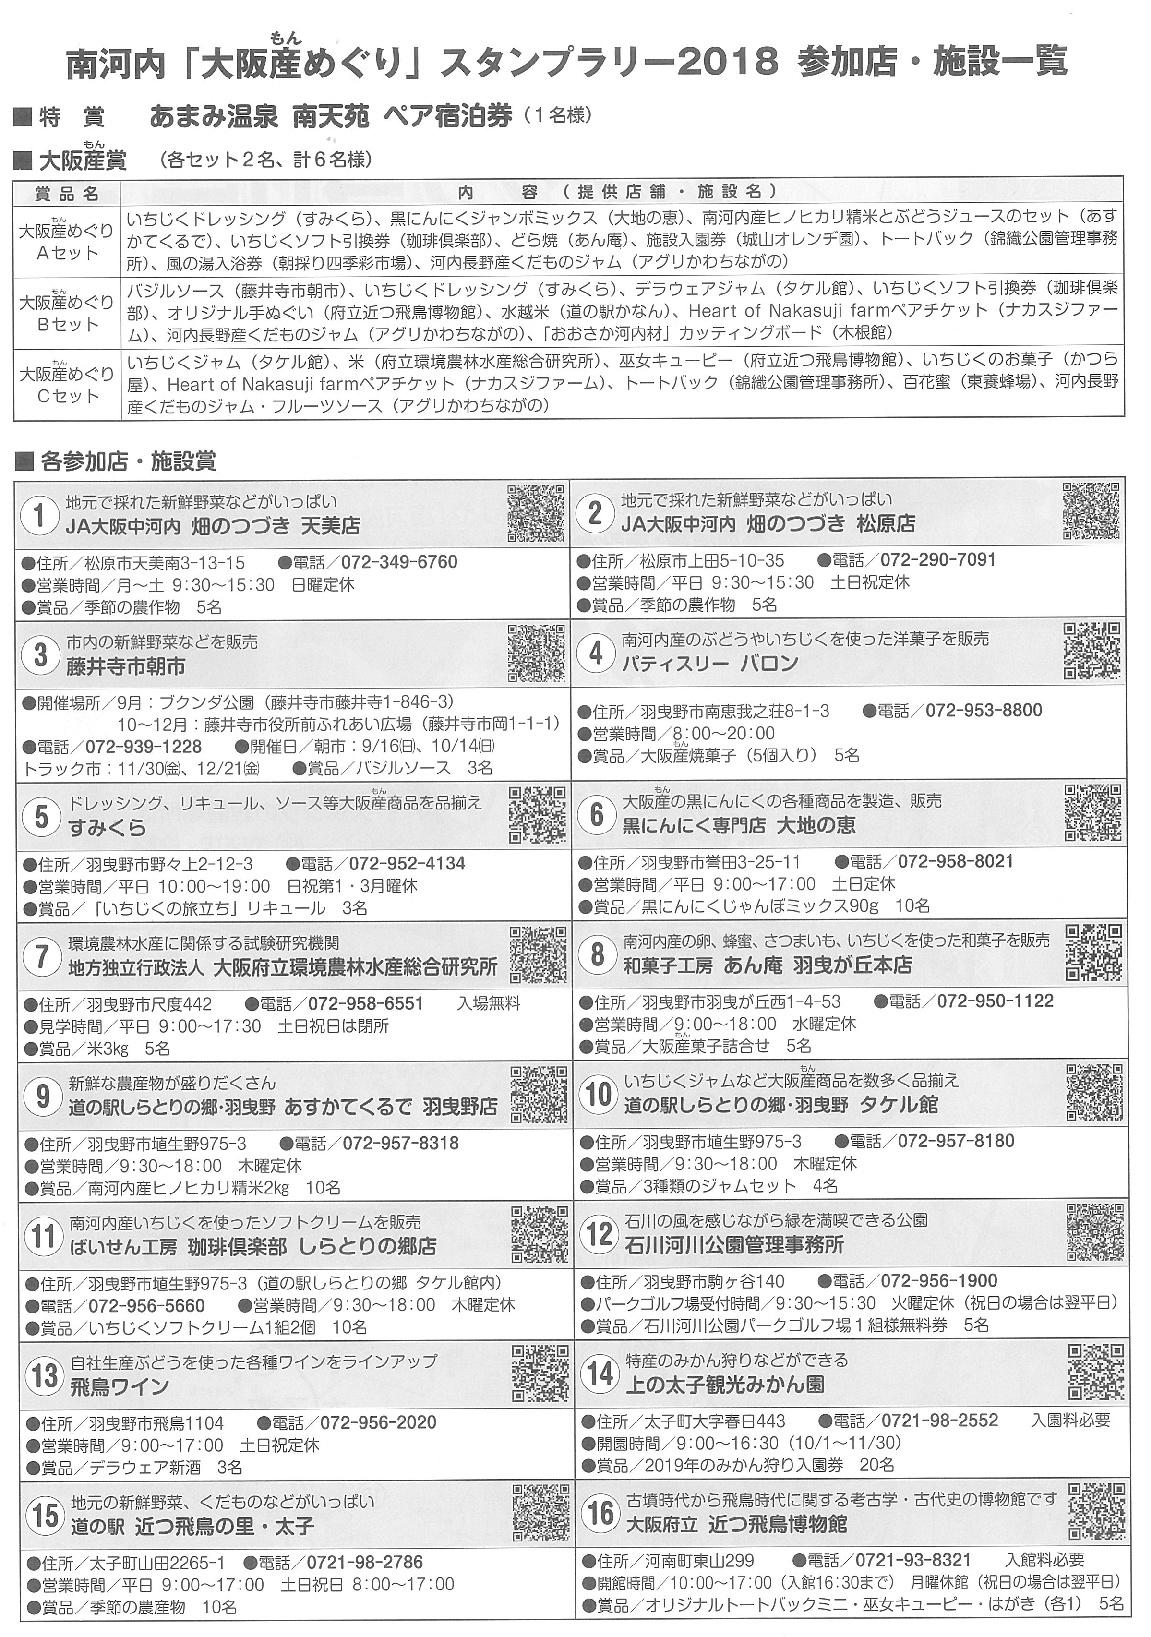 『南河内「大阪産(おおさかもん)めぐり」スタンプラリー2018』参加店・施設一覧